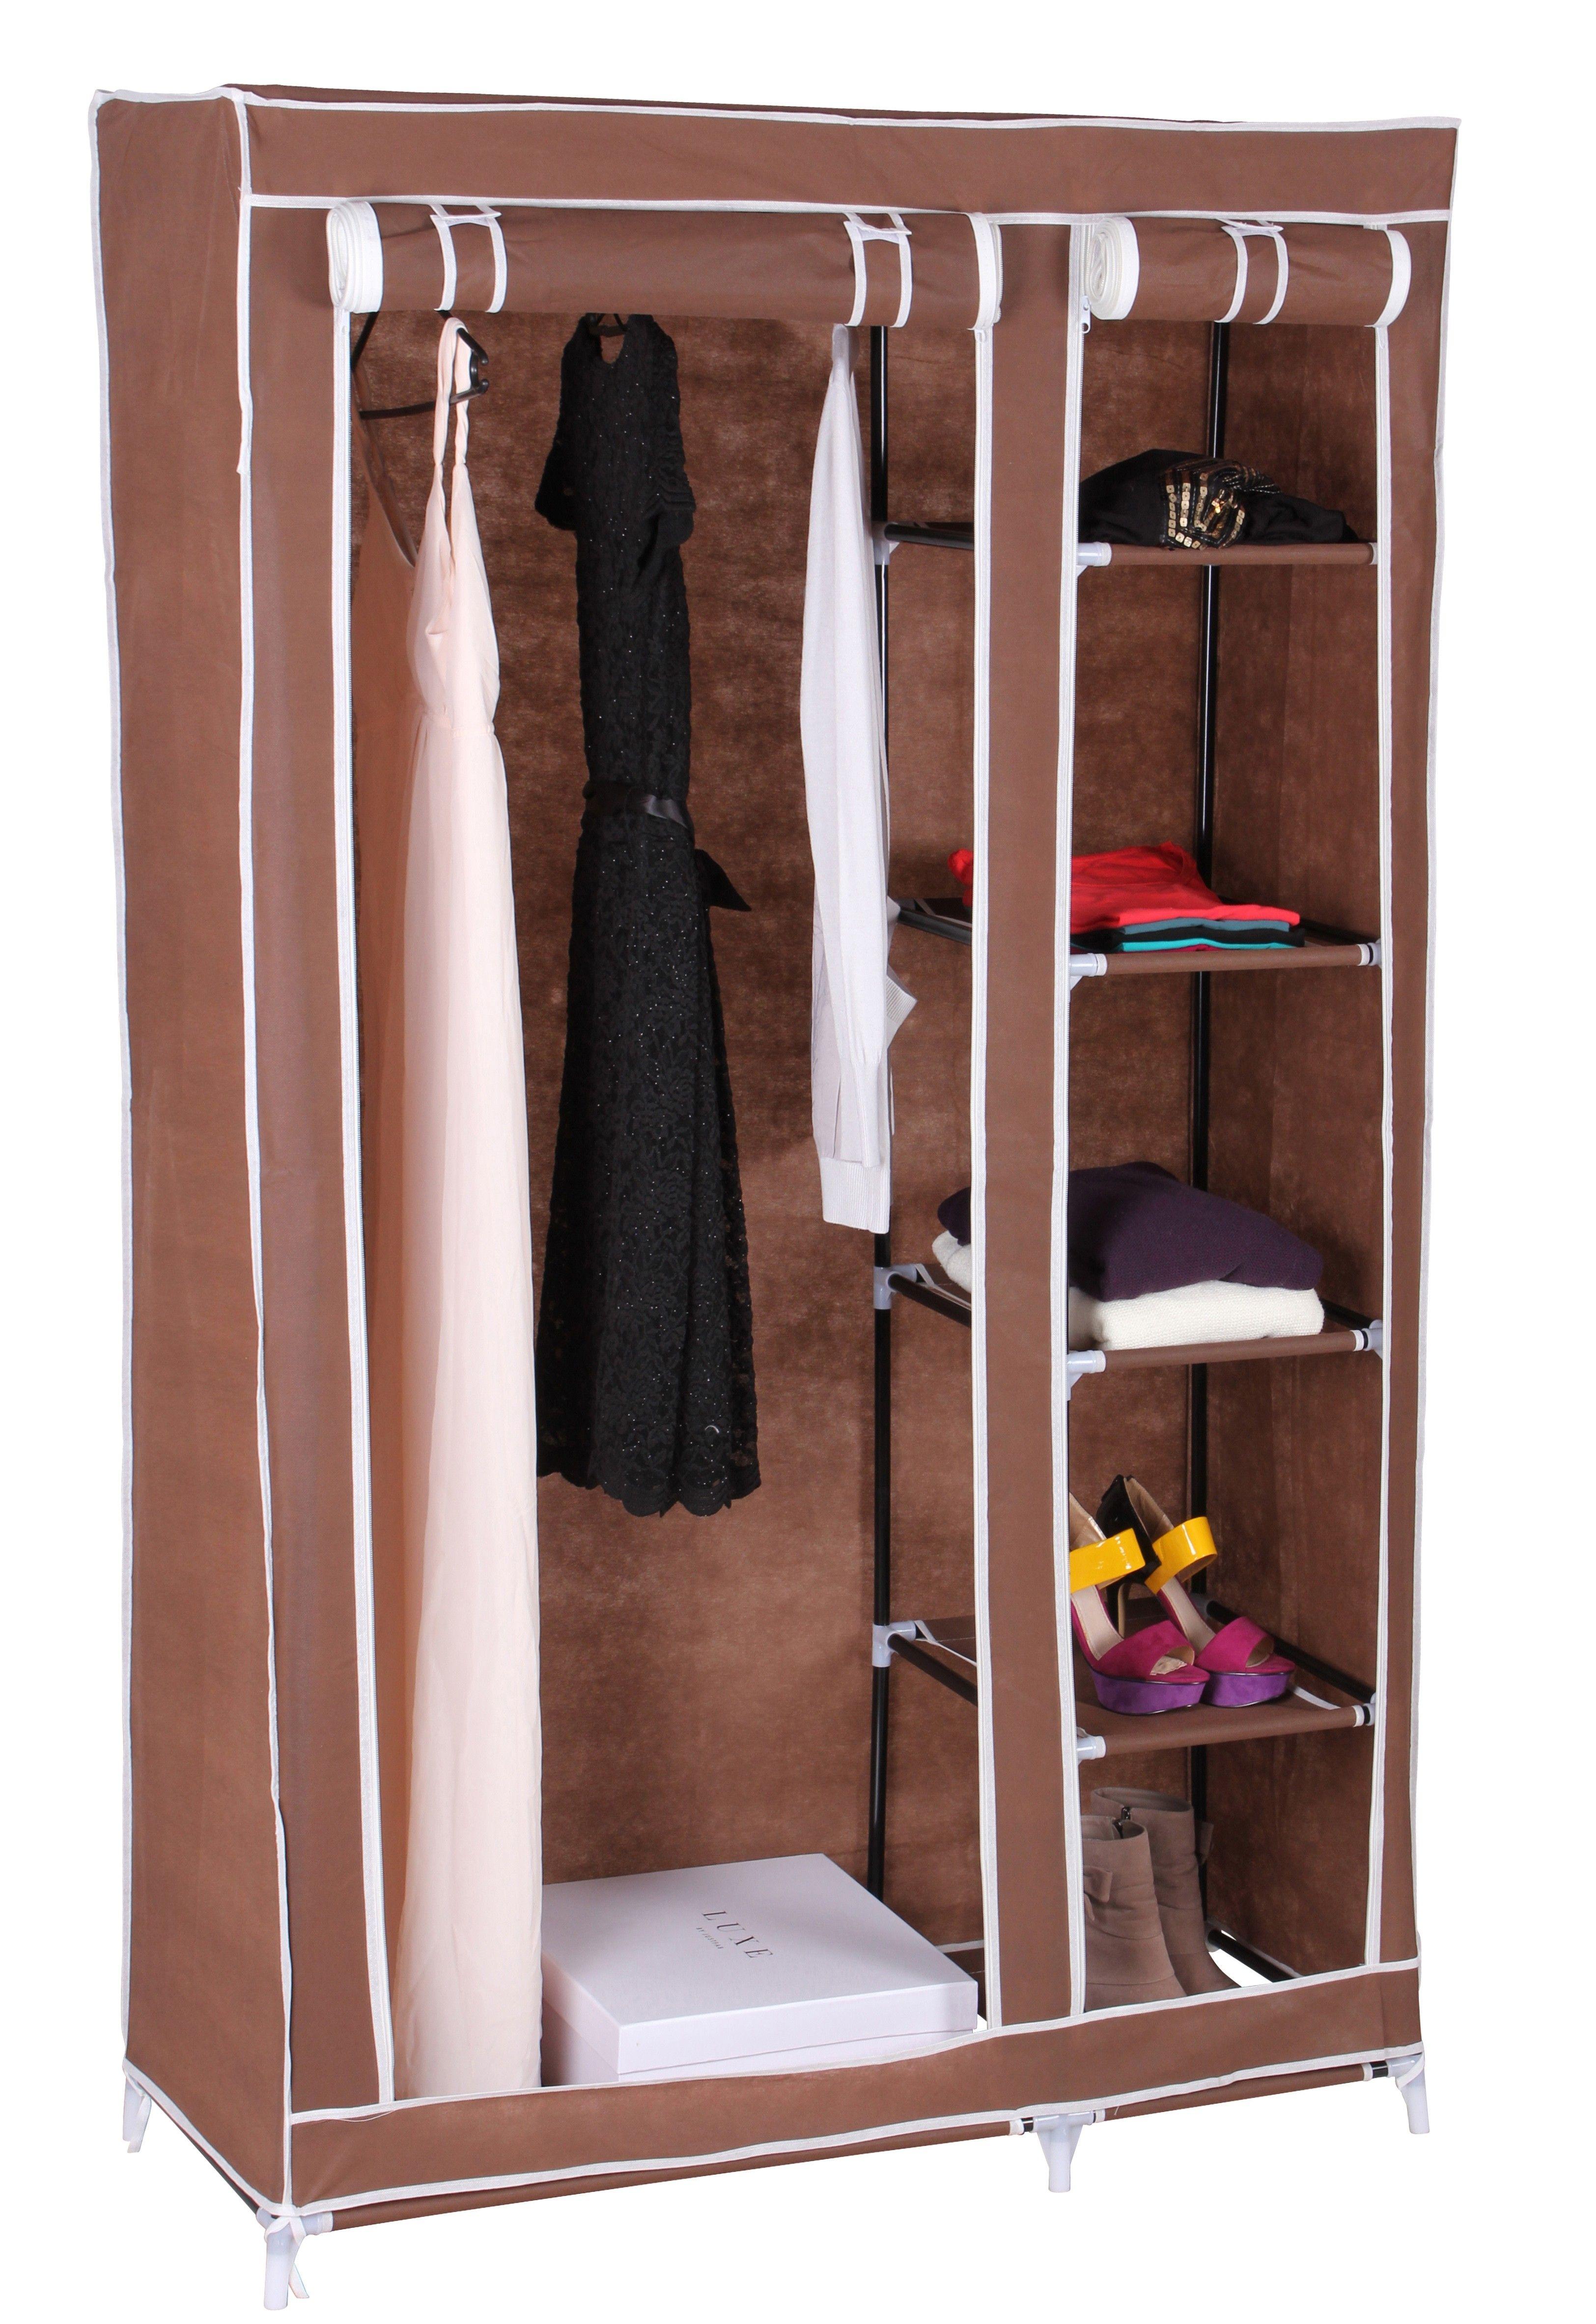 Textil Kleiderschrank Campingschrank Mit 5 Fachern Braun Ambience